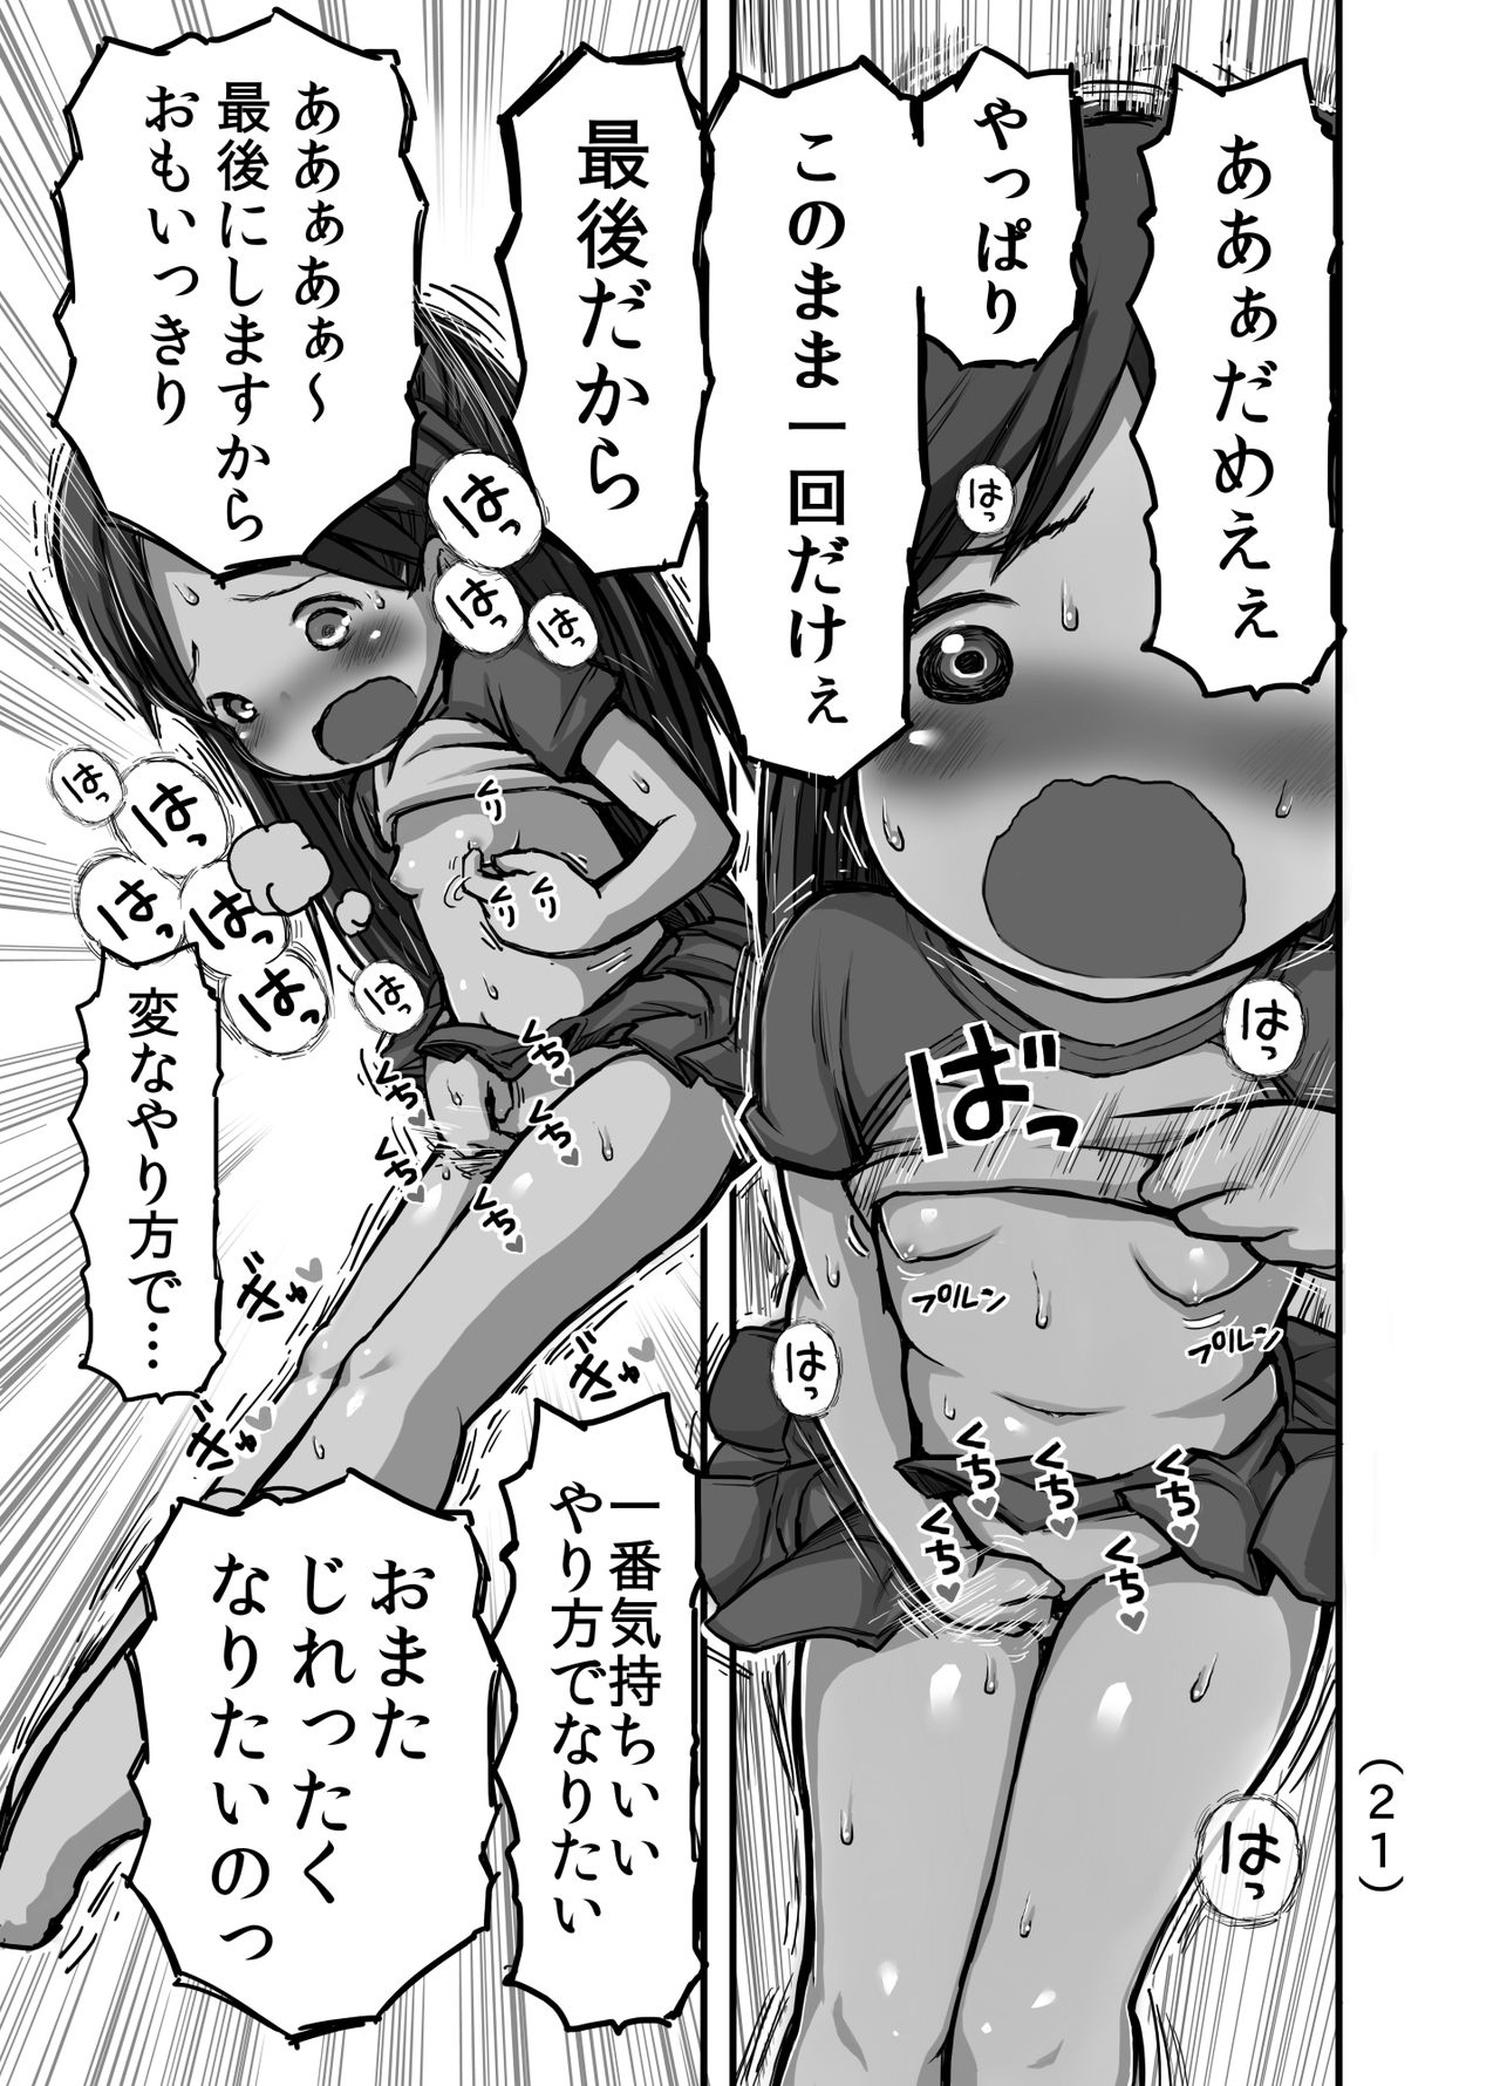 【エロ漫画・エロ同人】偶然乳首とクリトリスの気持ちよさに気づいた幼女が角にハマって学校でも押し当ててオナニーwwww (22)